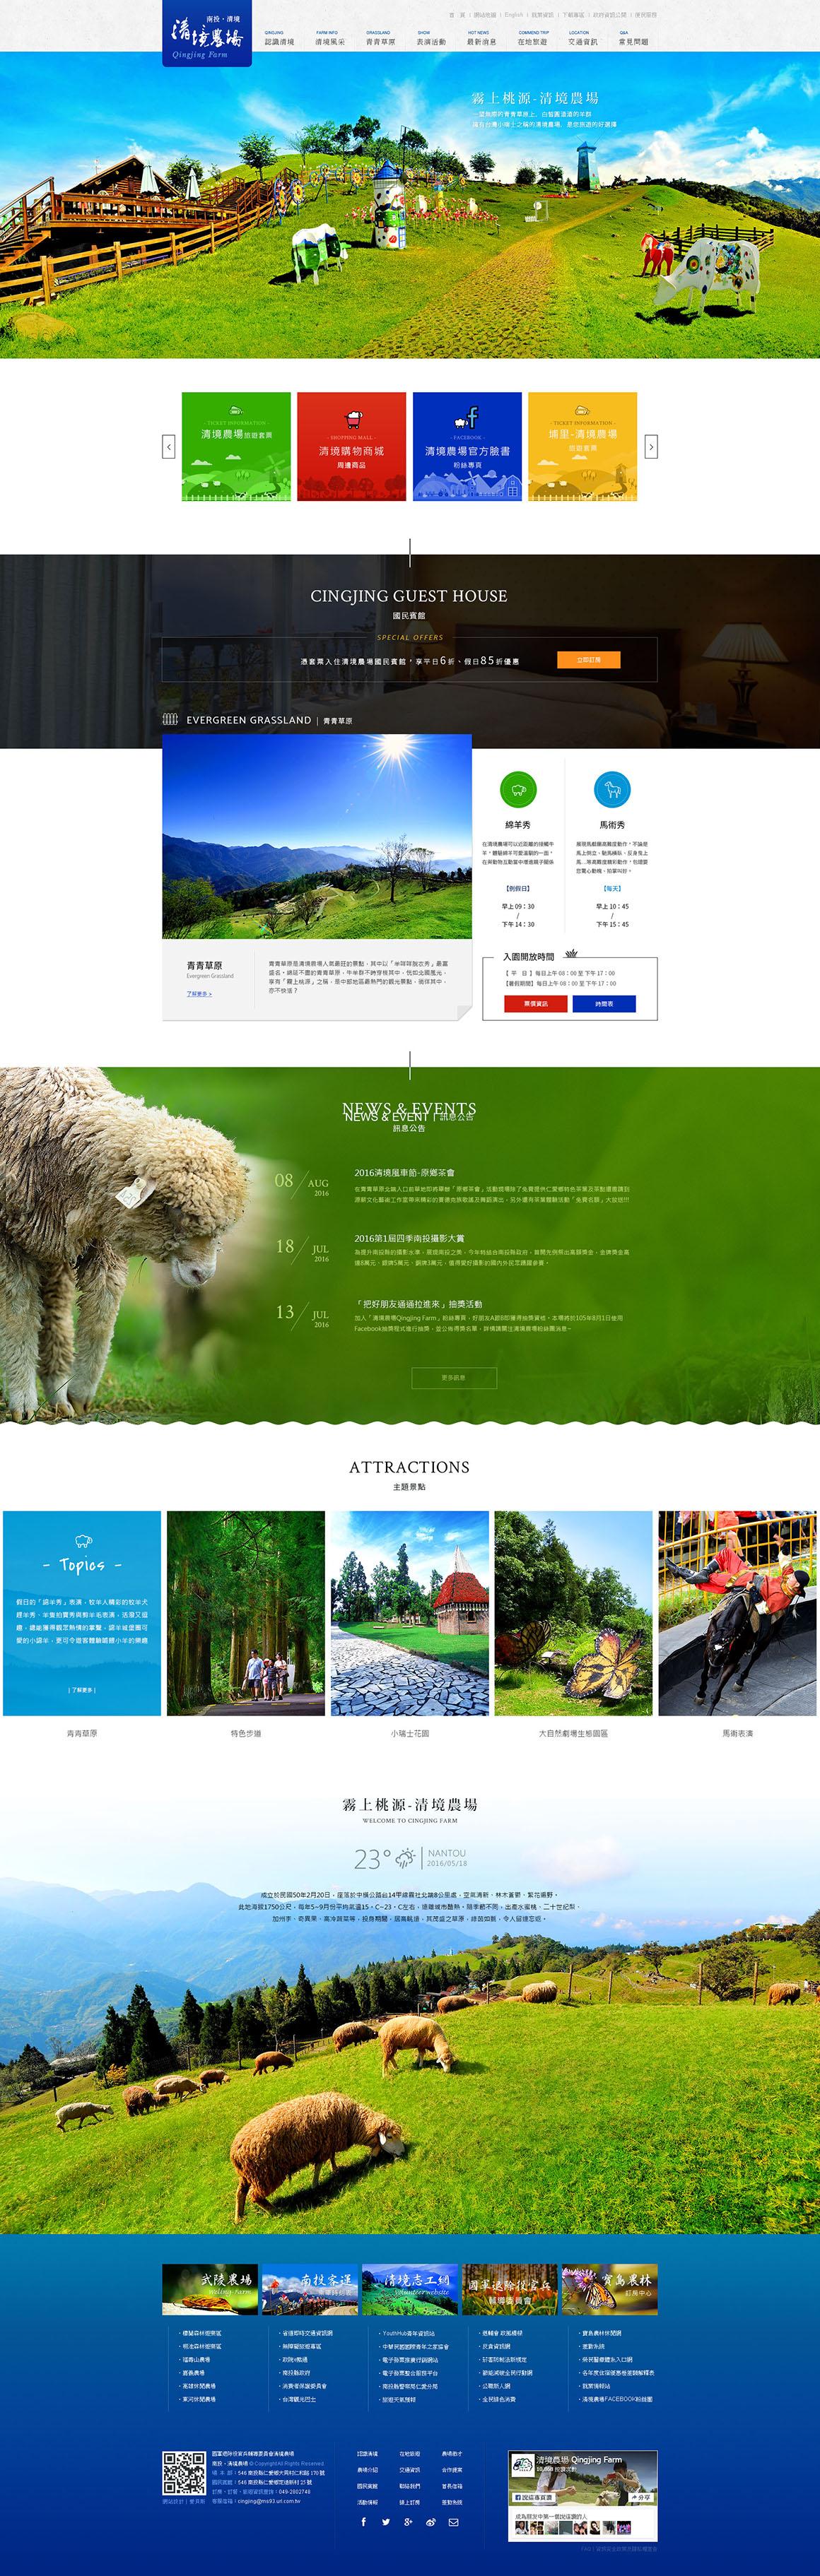 清境農場-網頁設計